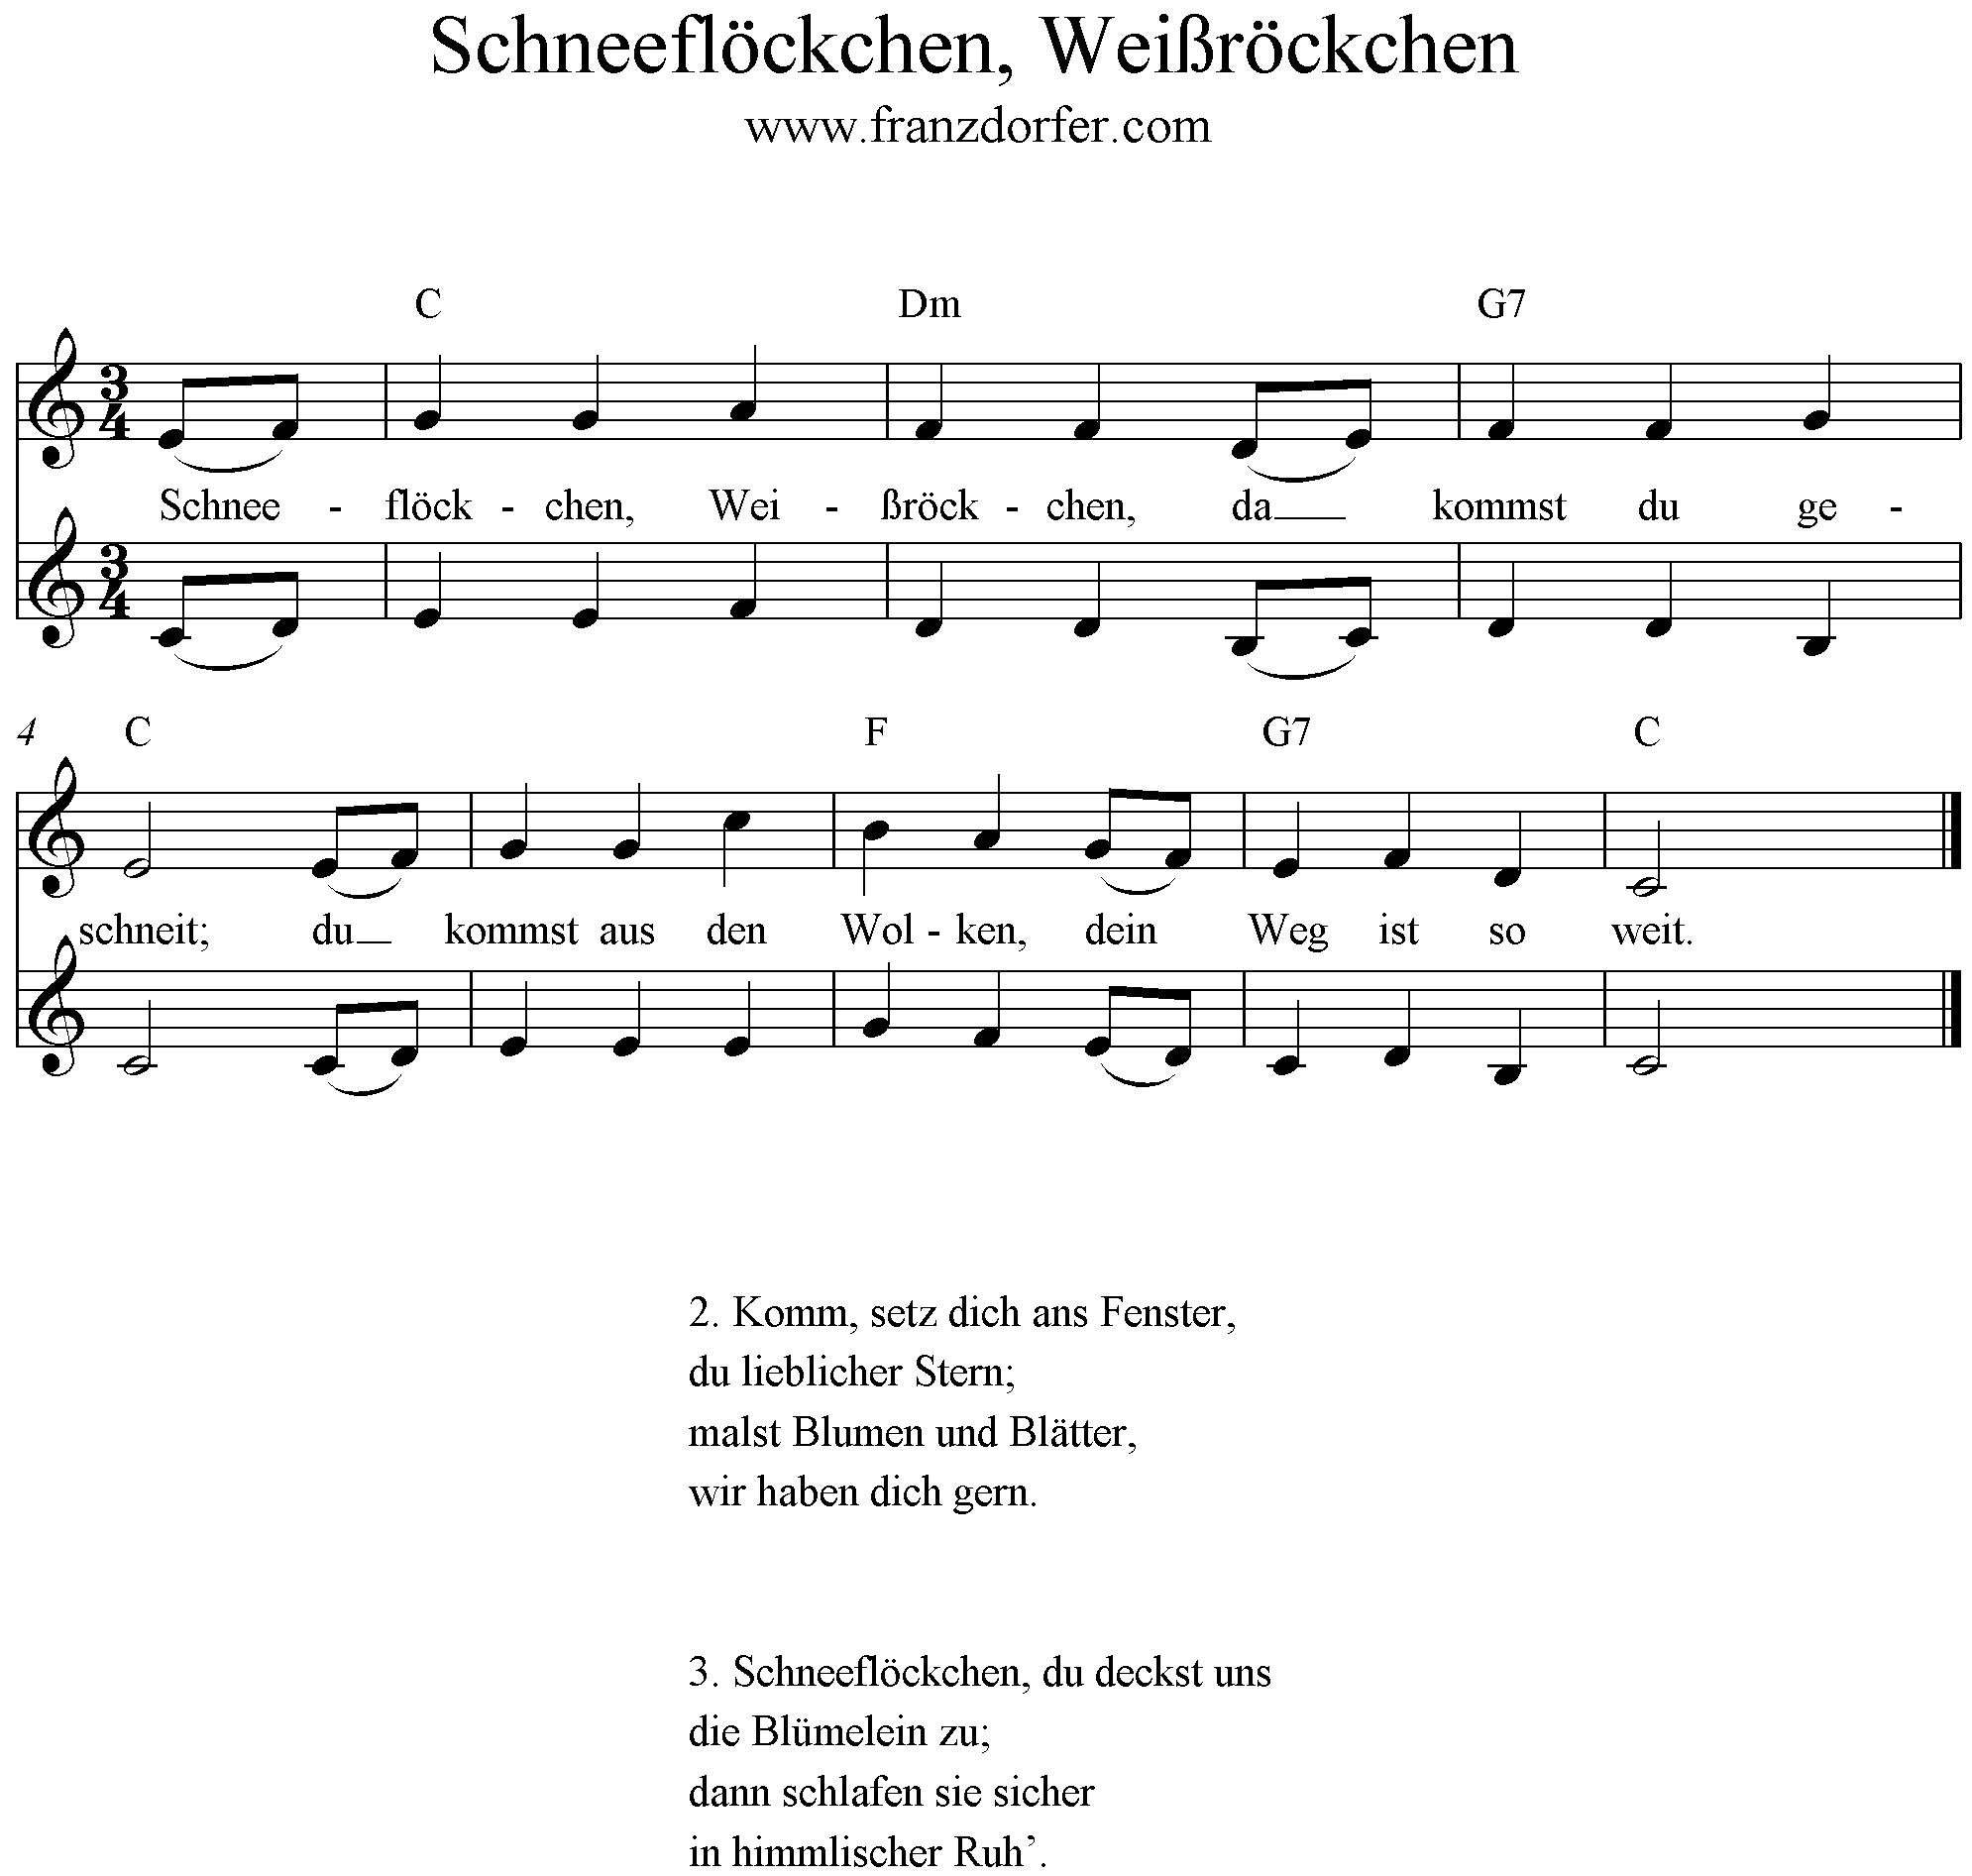 Schneeflöckchen Weißröckchen Liedtext